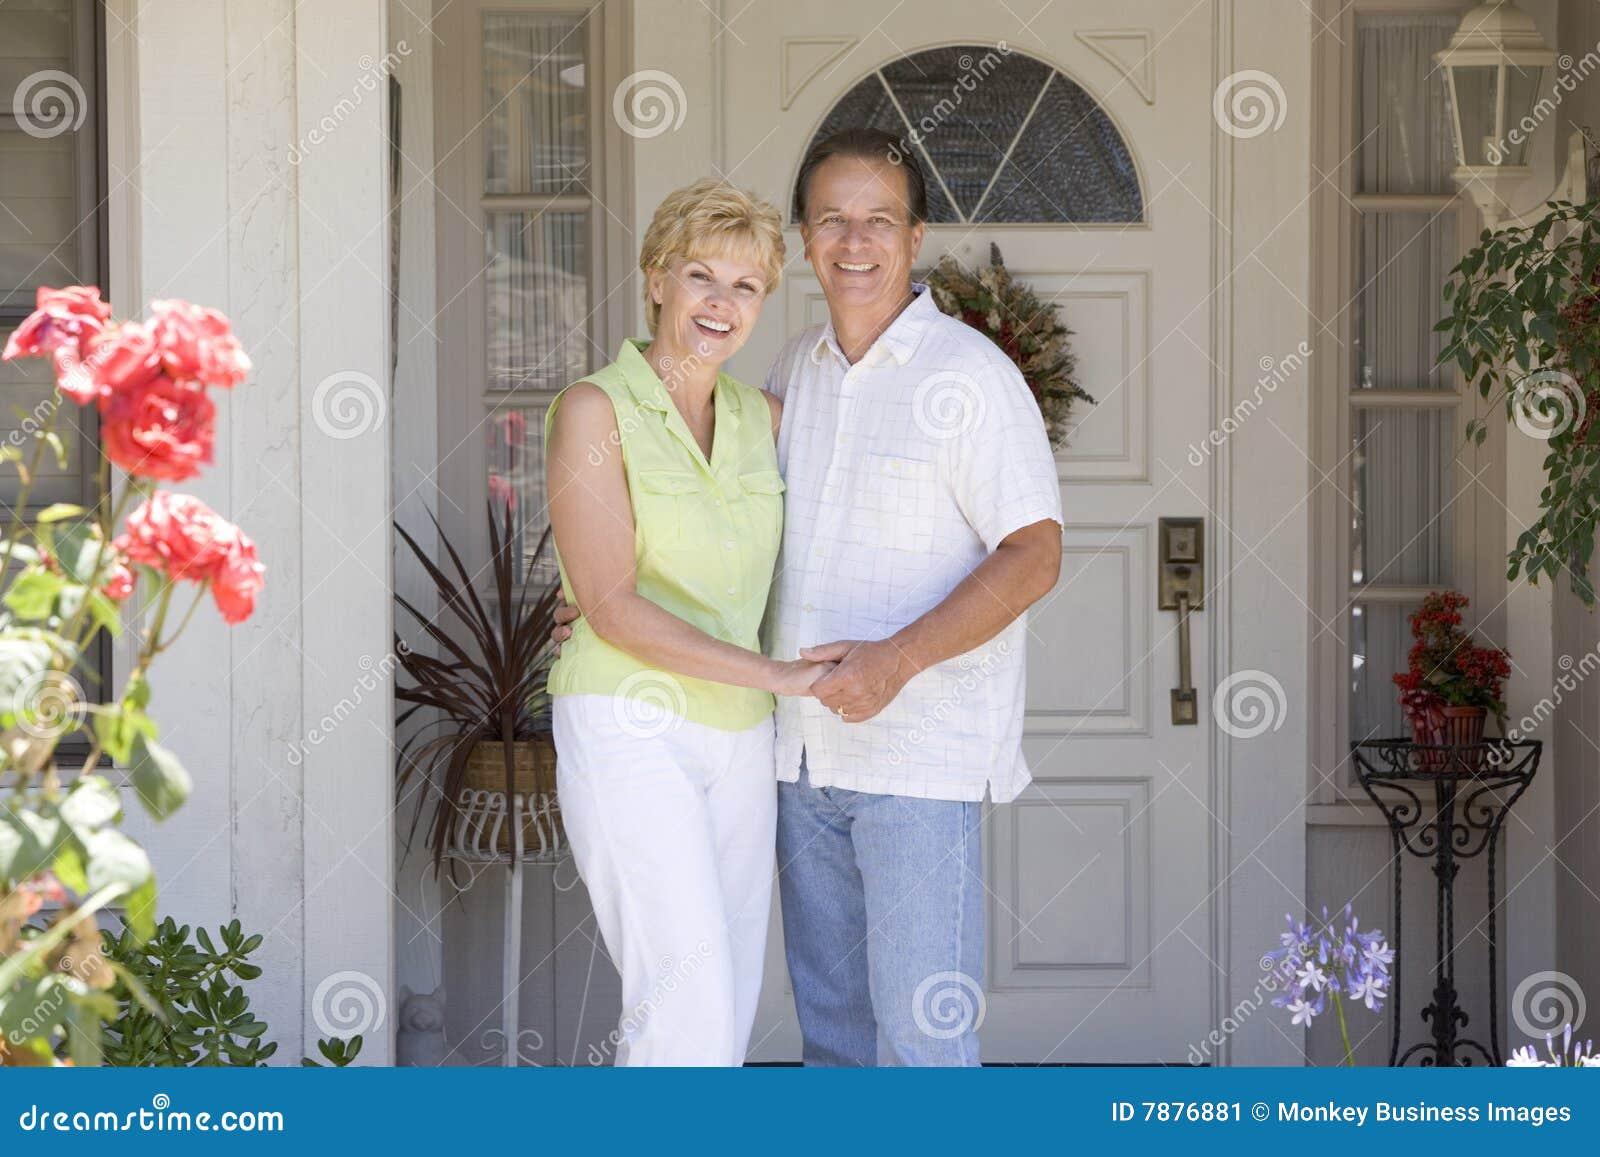 Частные русское фото семейного секса, Интимные фото семейной пары с России Частные 35 фотография